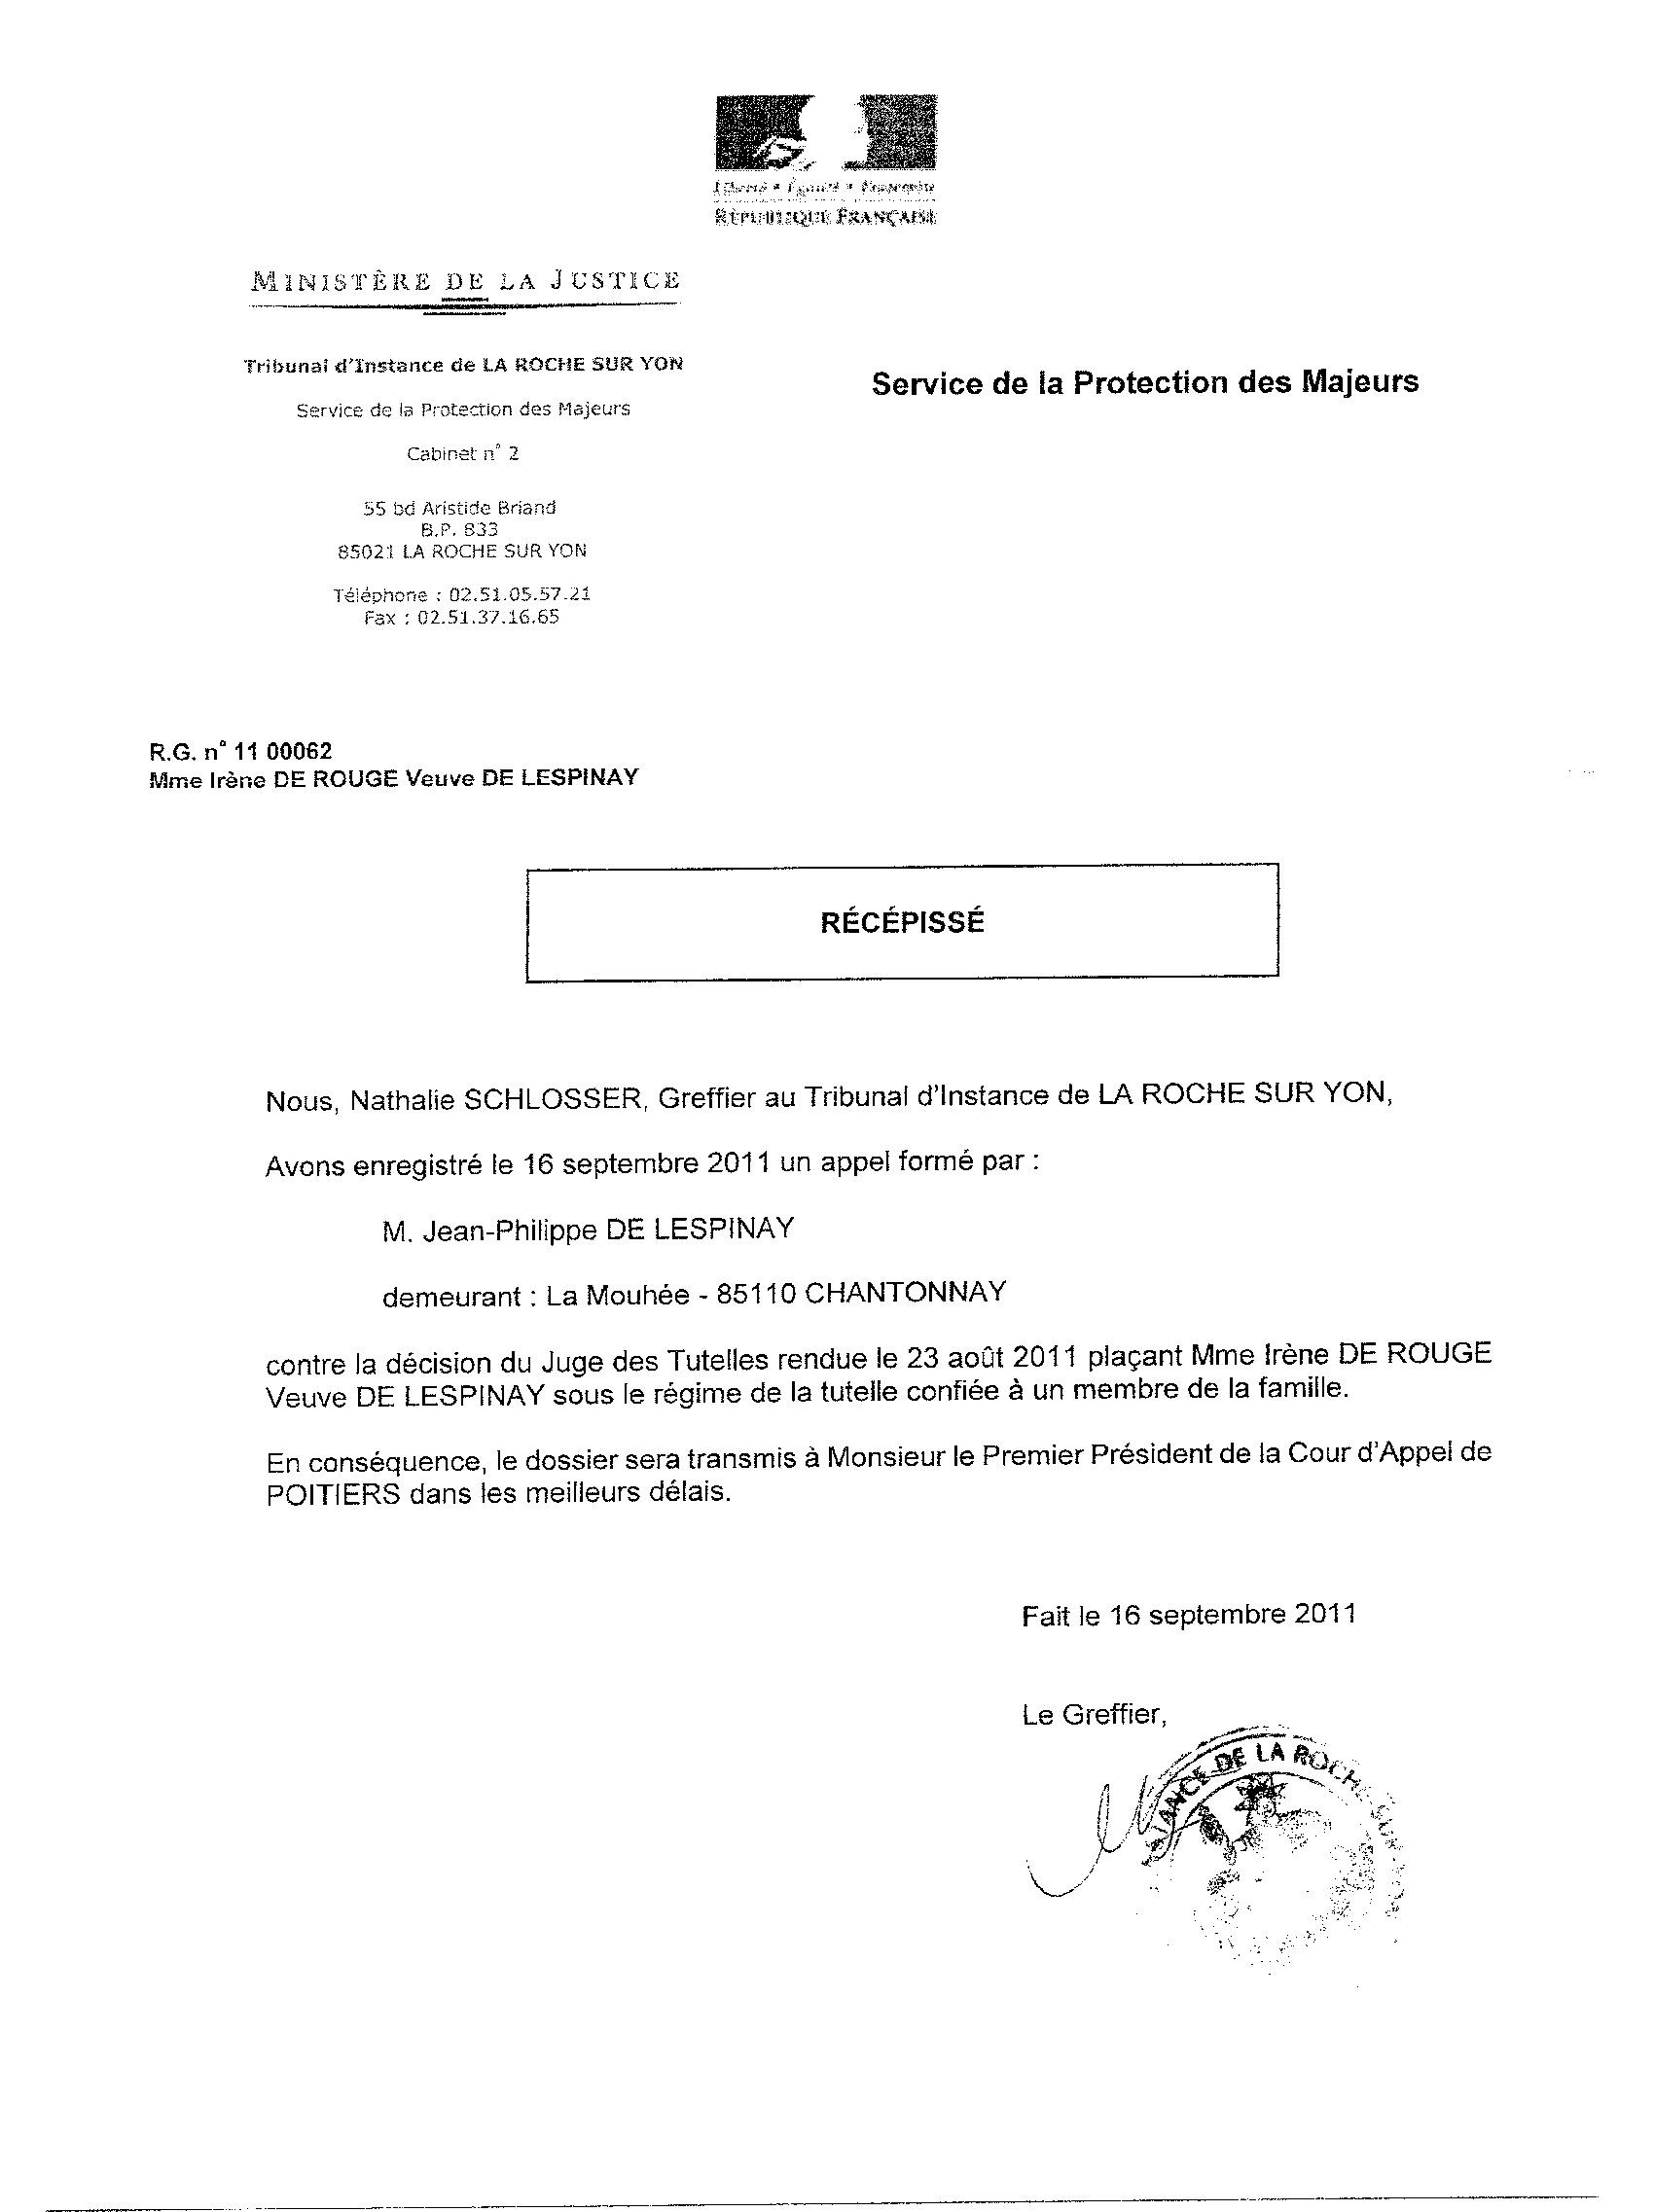 Exemple De Lettre De Procuration Juridique | Covering ...